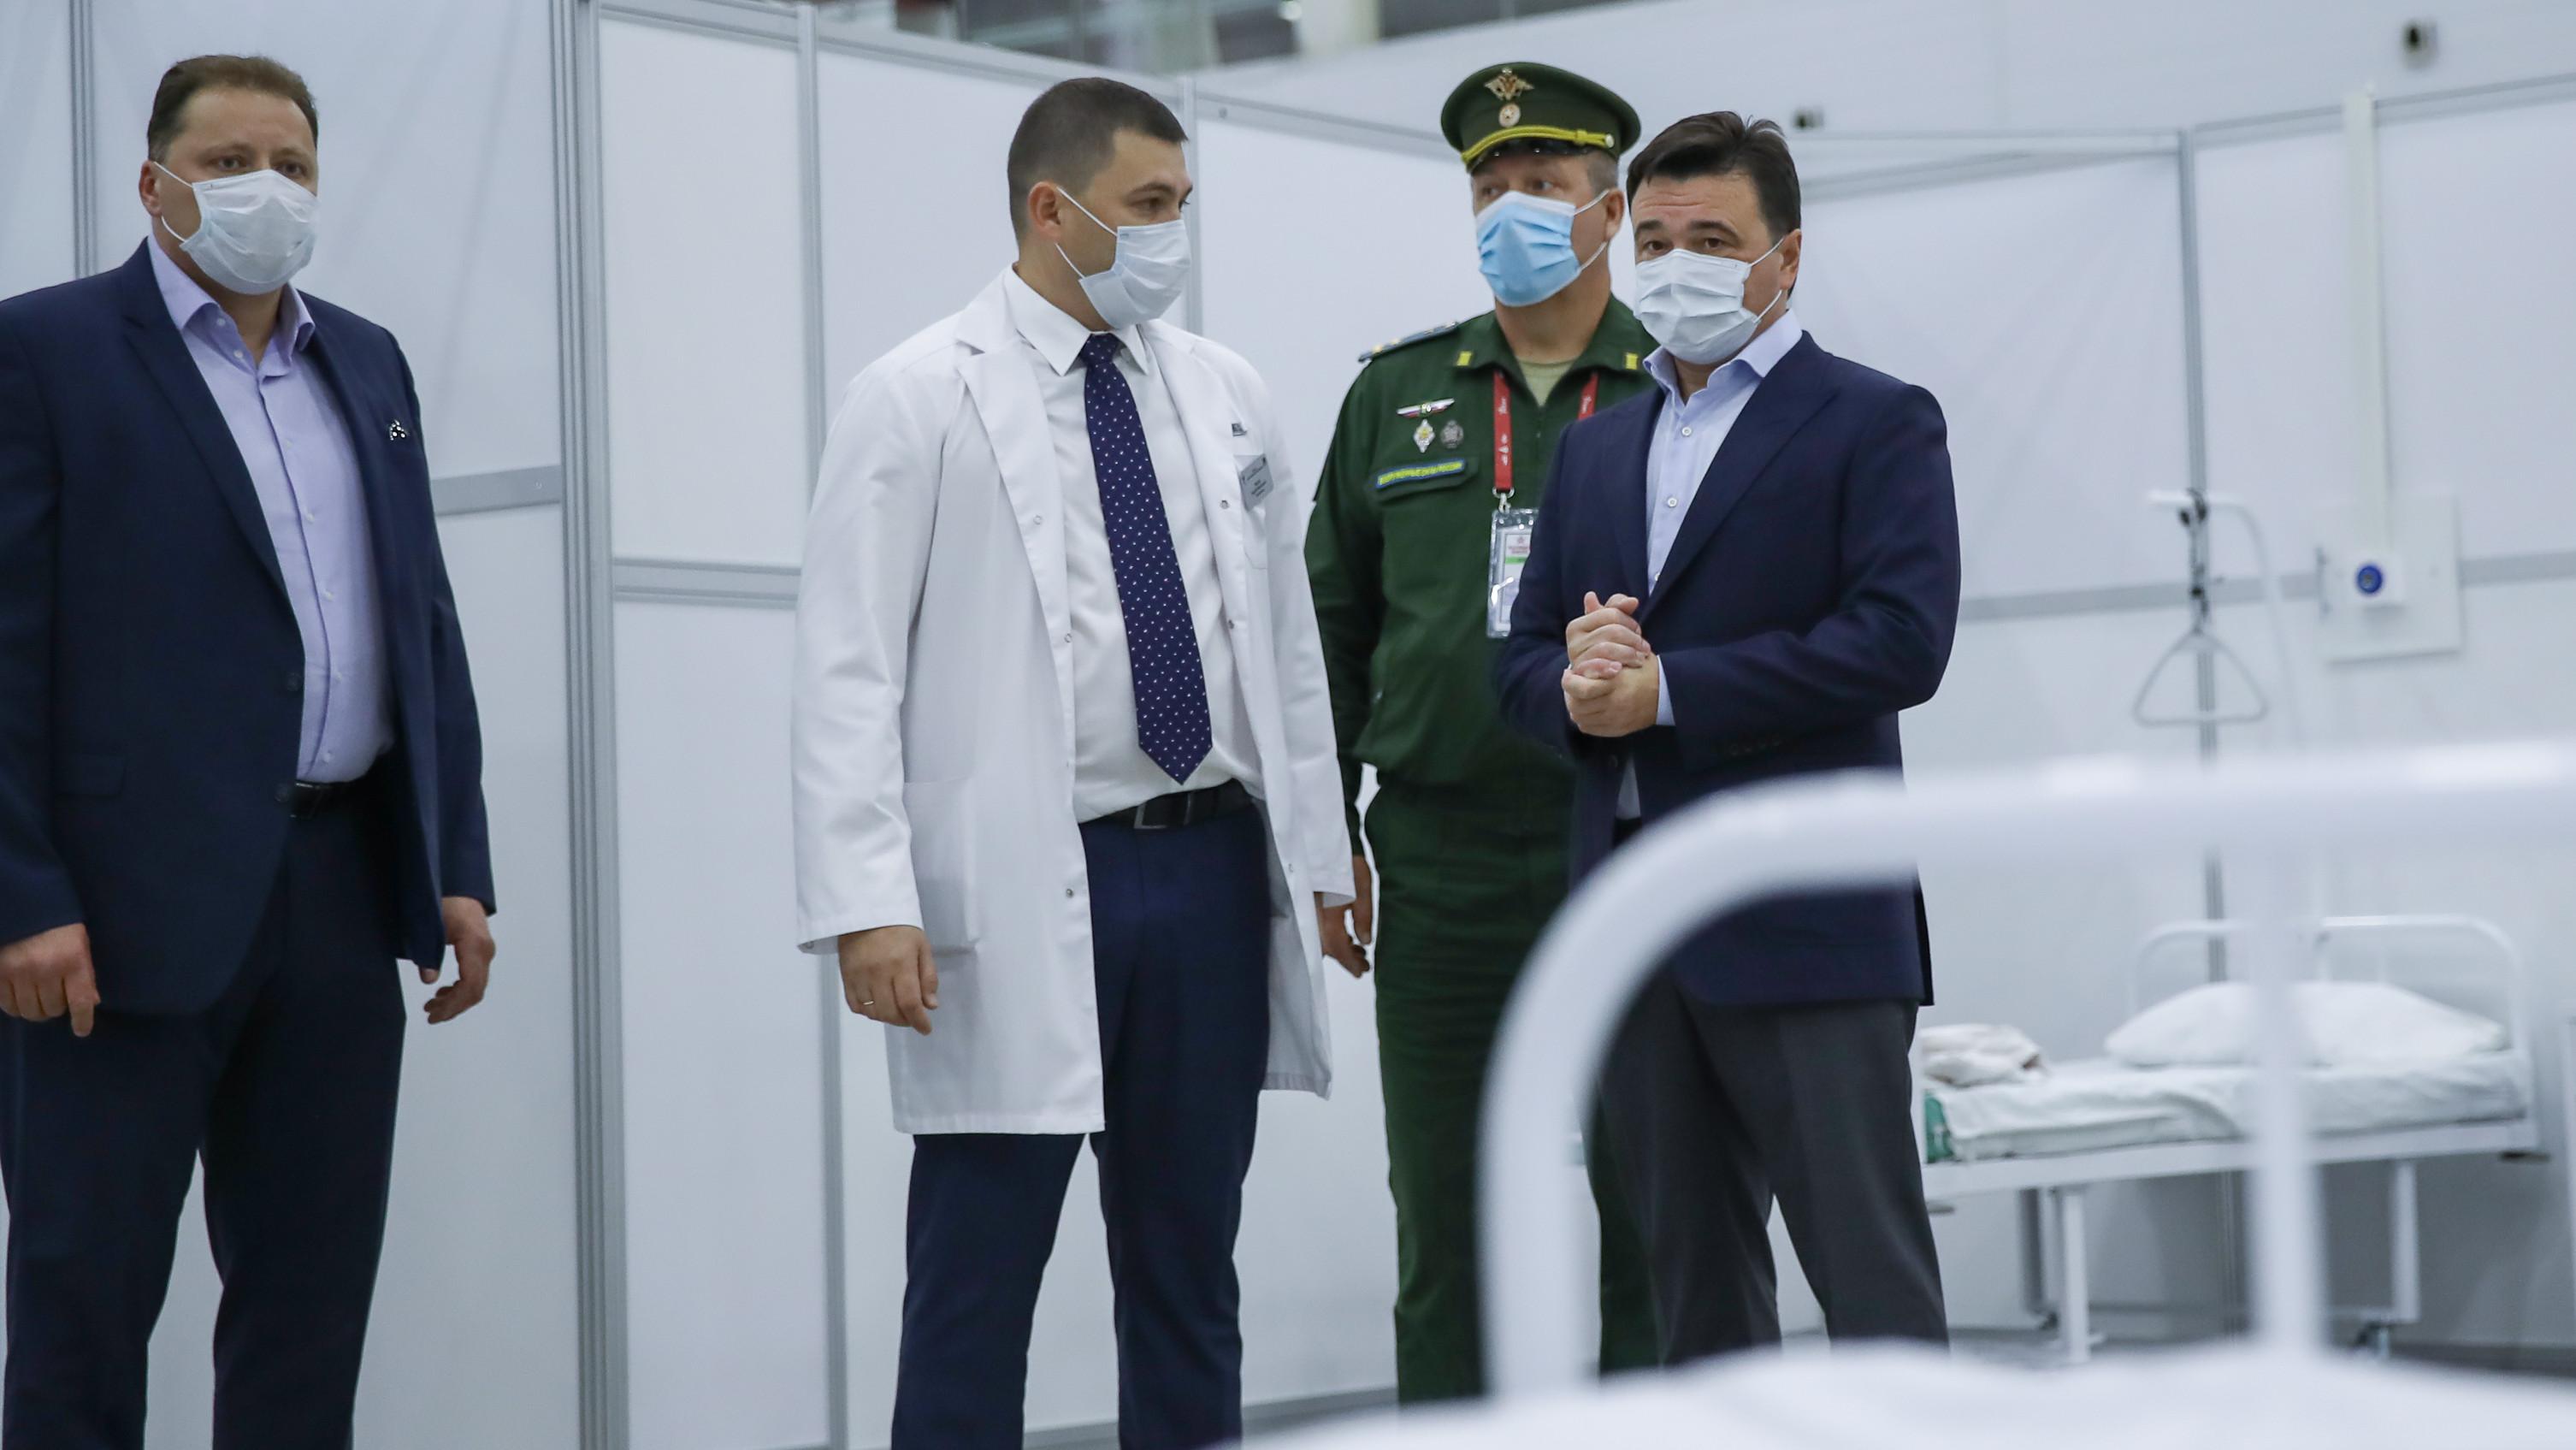 Губернатор проверил готовность к открытию госпиталя для Covid-пациентов на базе КВЦ «Патриот»